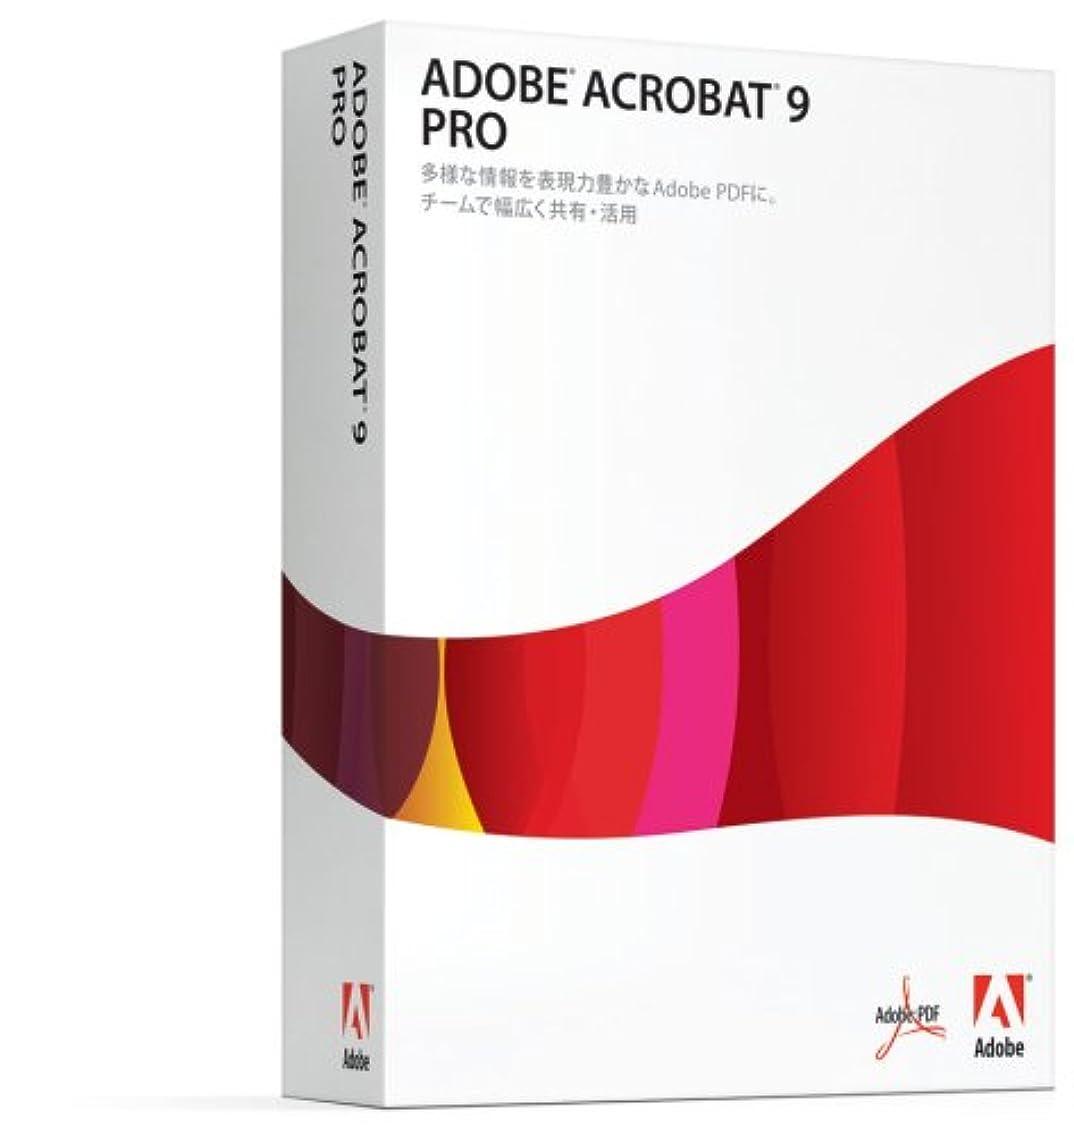 責アンテナアデレード【旧製品】Adobe Acrobat 9 Pro 日本語版 通常版 Windows版